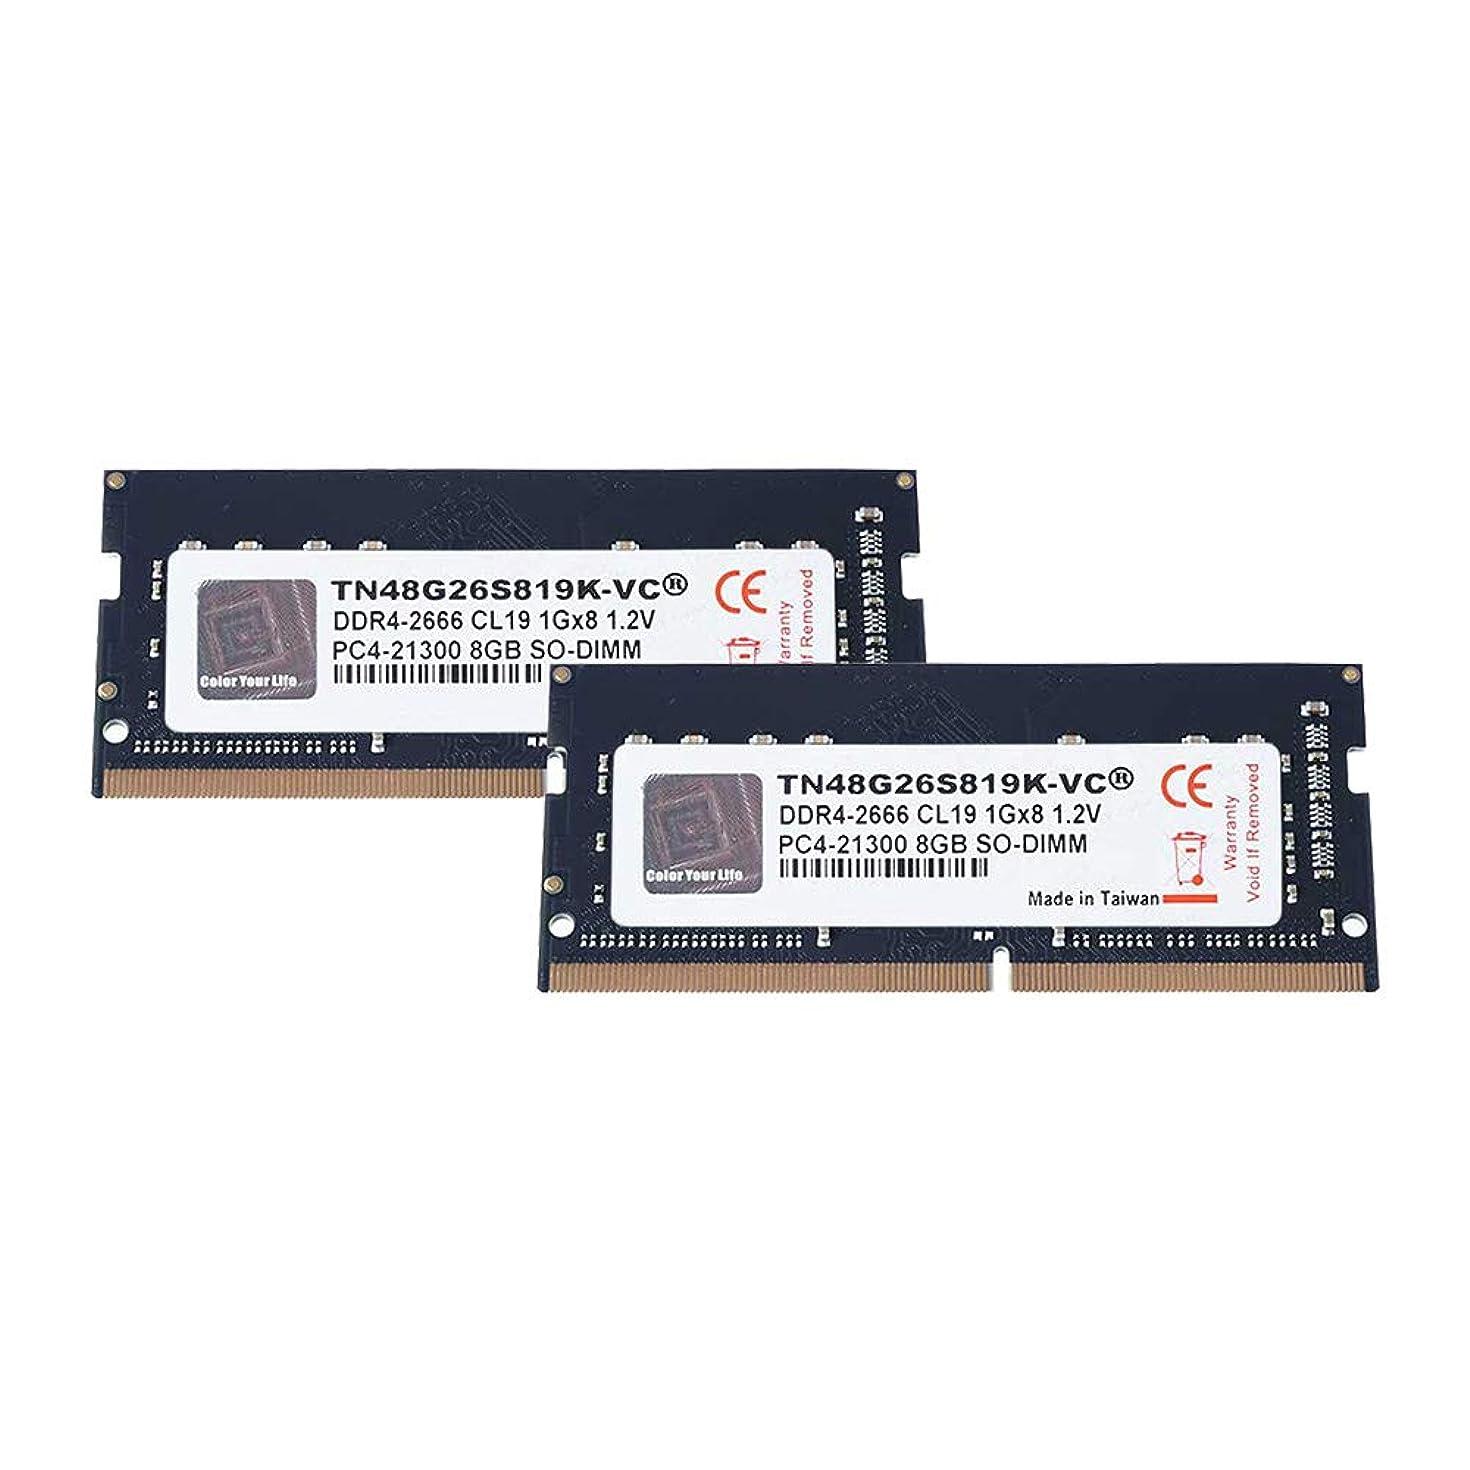 V-Color 16GB (2 x 8GB) Laptop Memory Module Upgrade for iMac, MacBook Pro DDR4 Non ECC 2666MHz (PC4-21300) CL19 1.2V SO-DIMM (TN48G26S819K-VC)